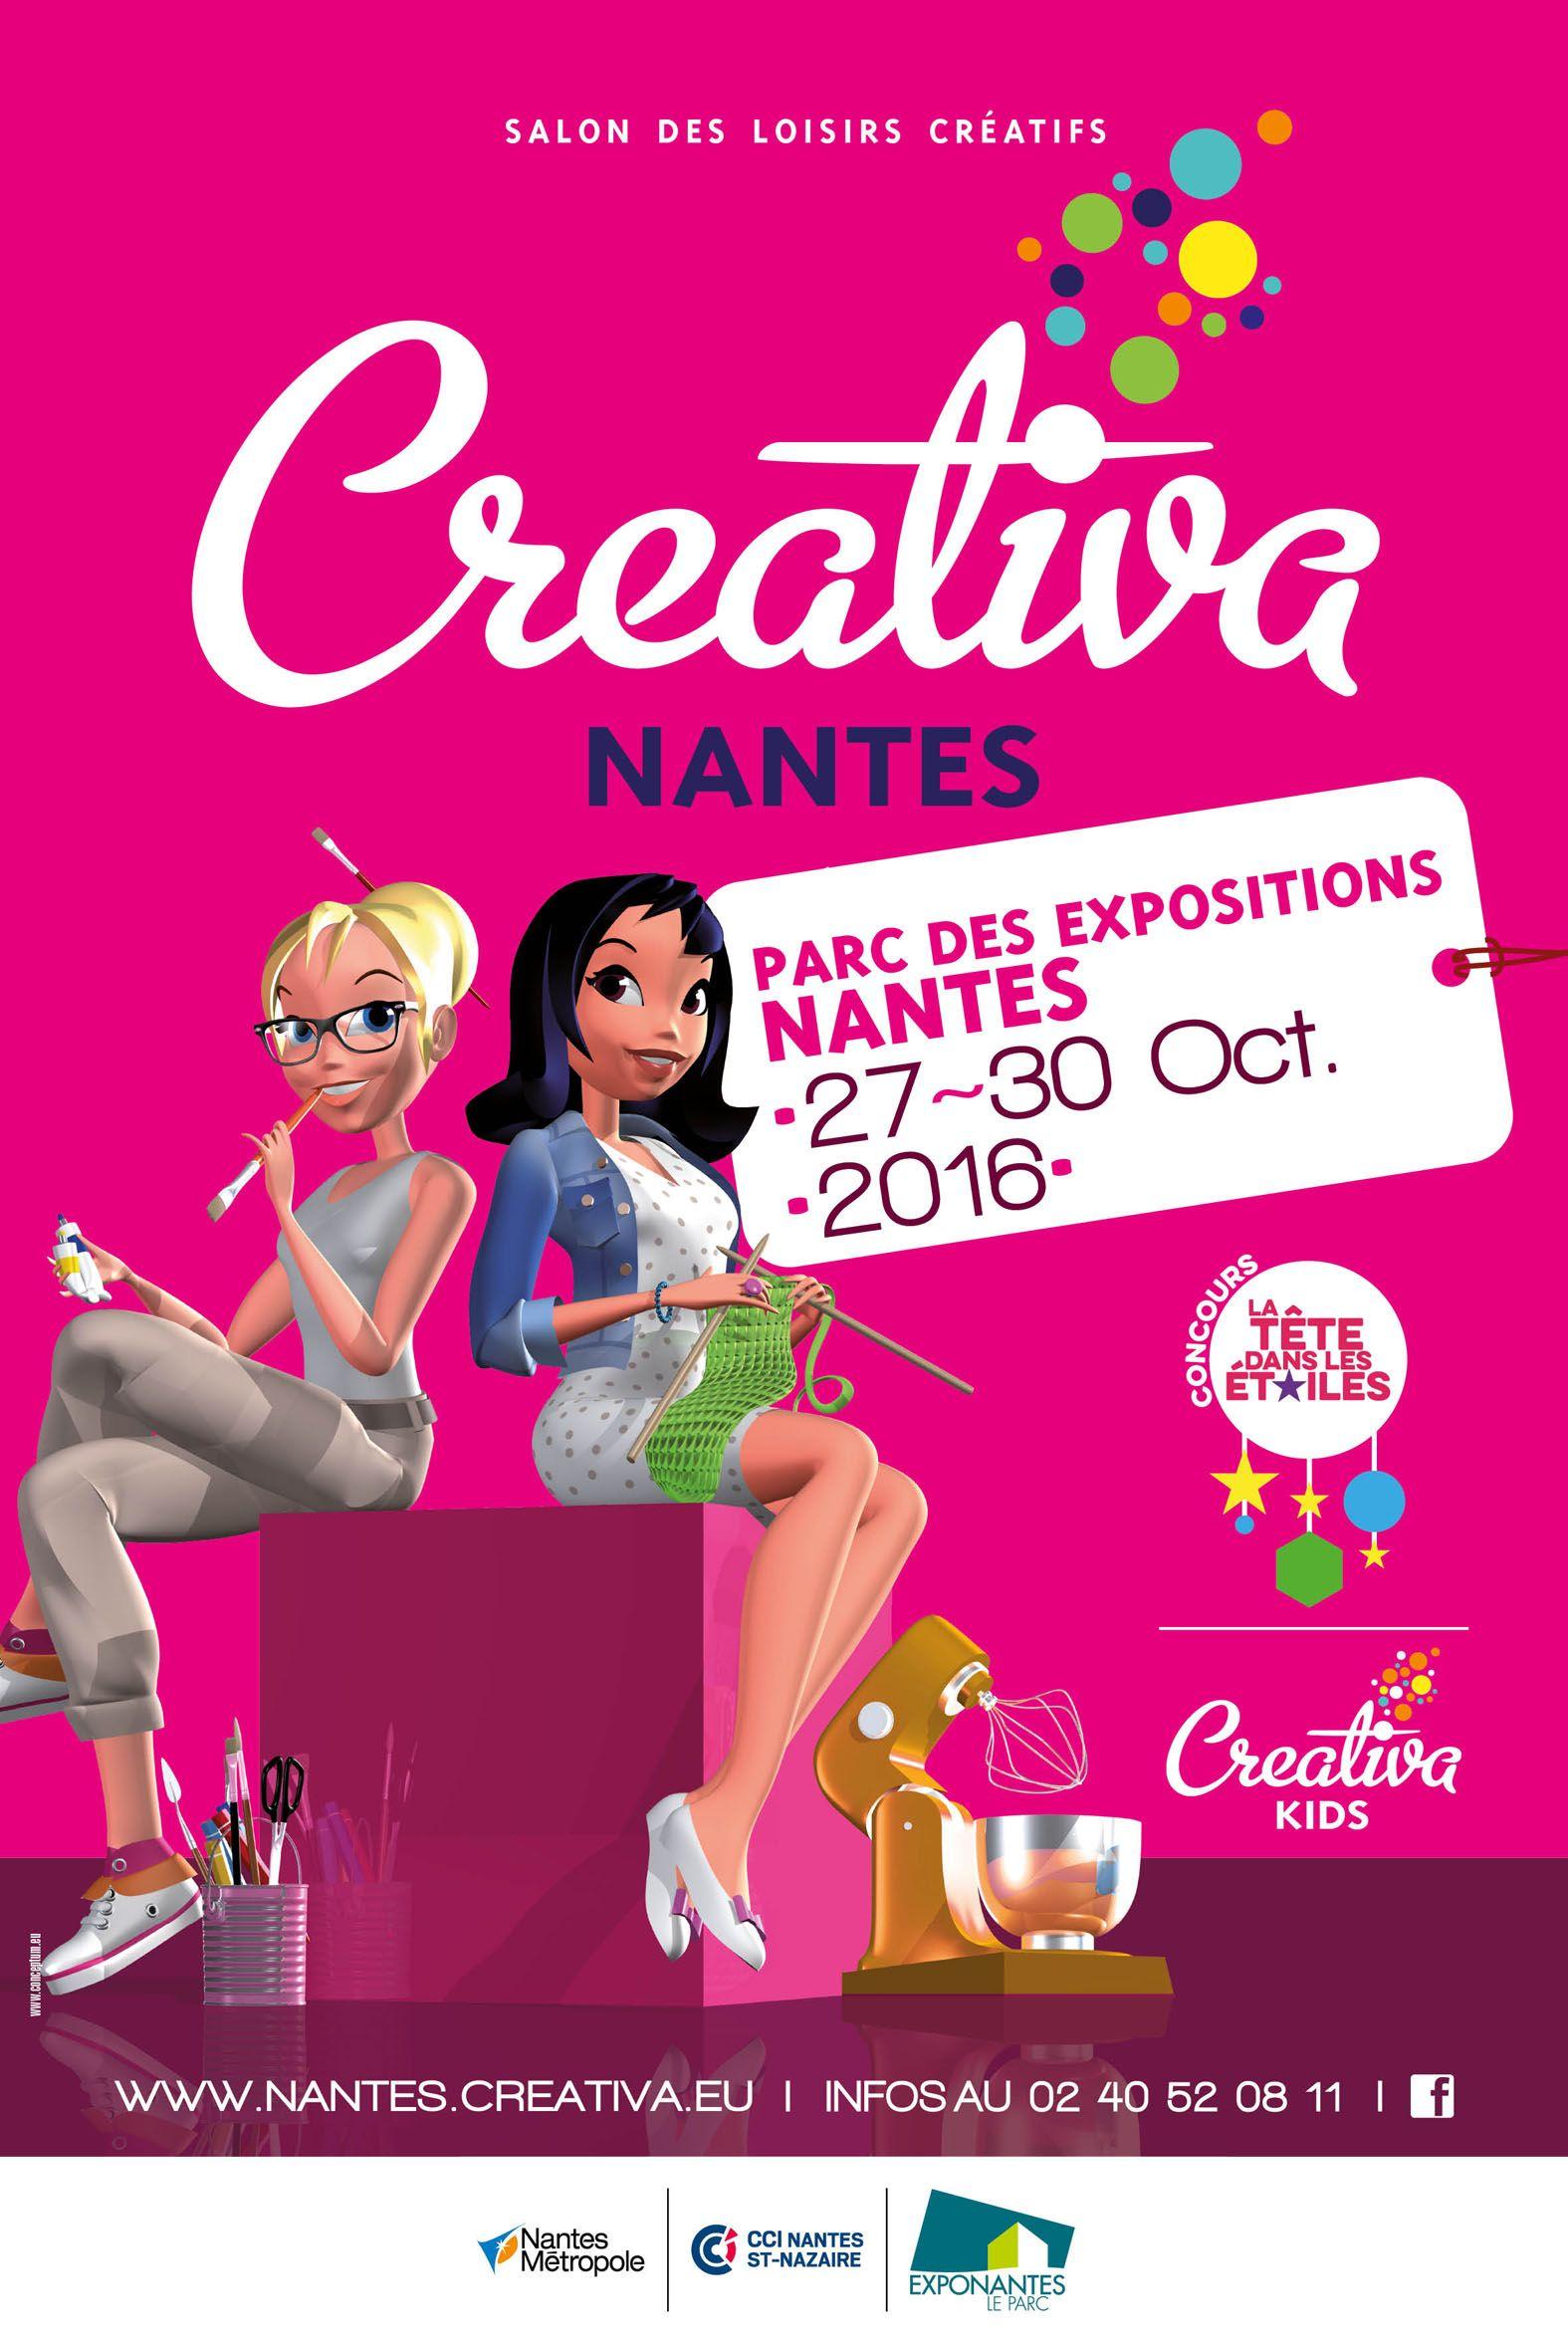 épinglé Sur Concours Creativa Nantes